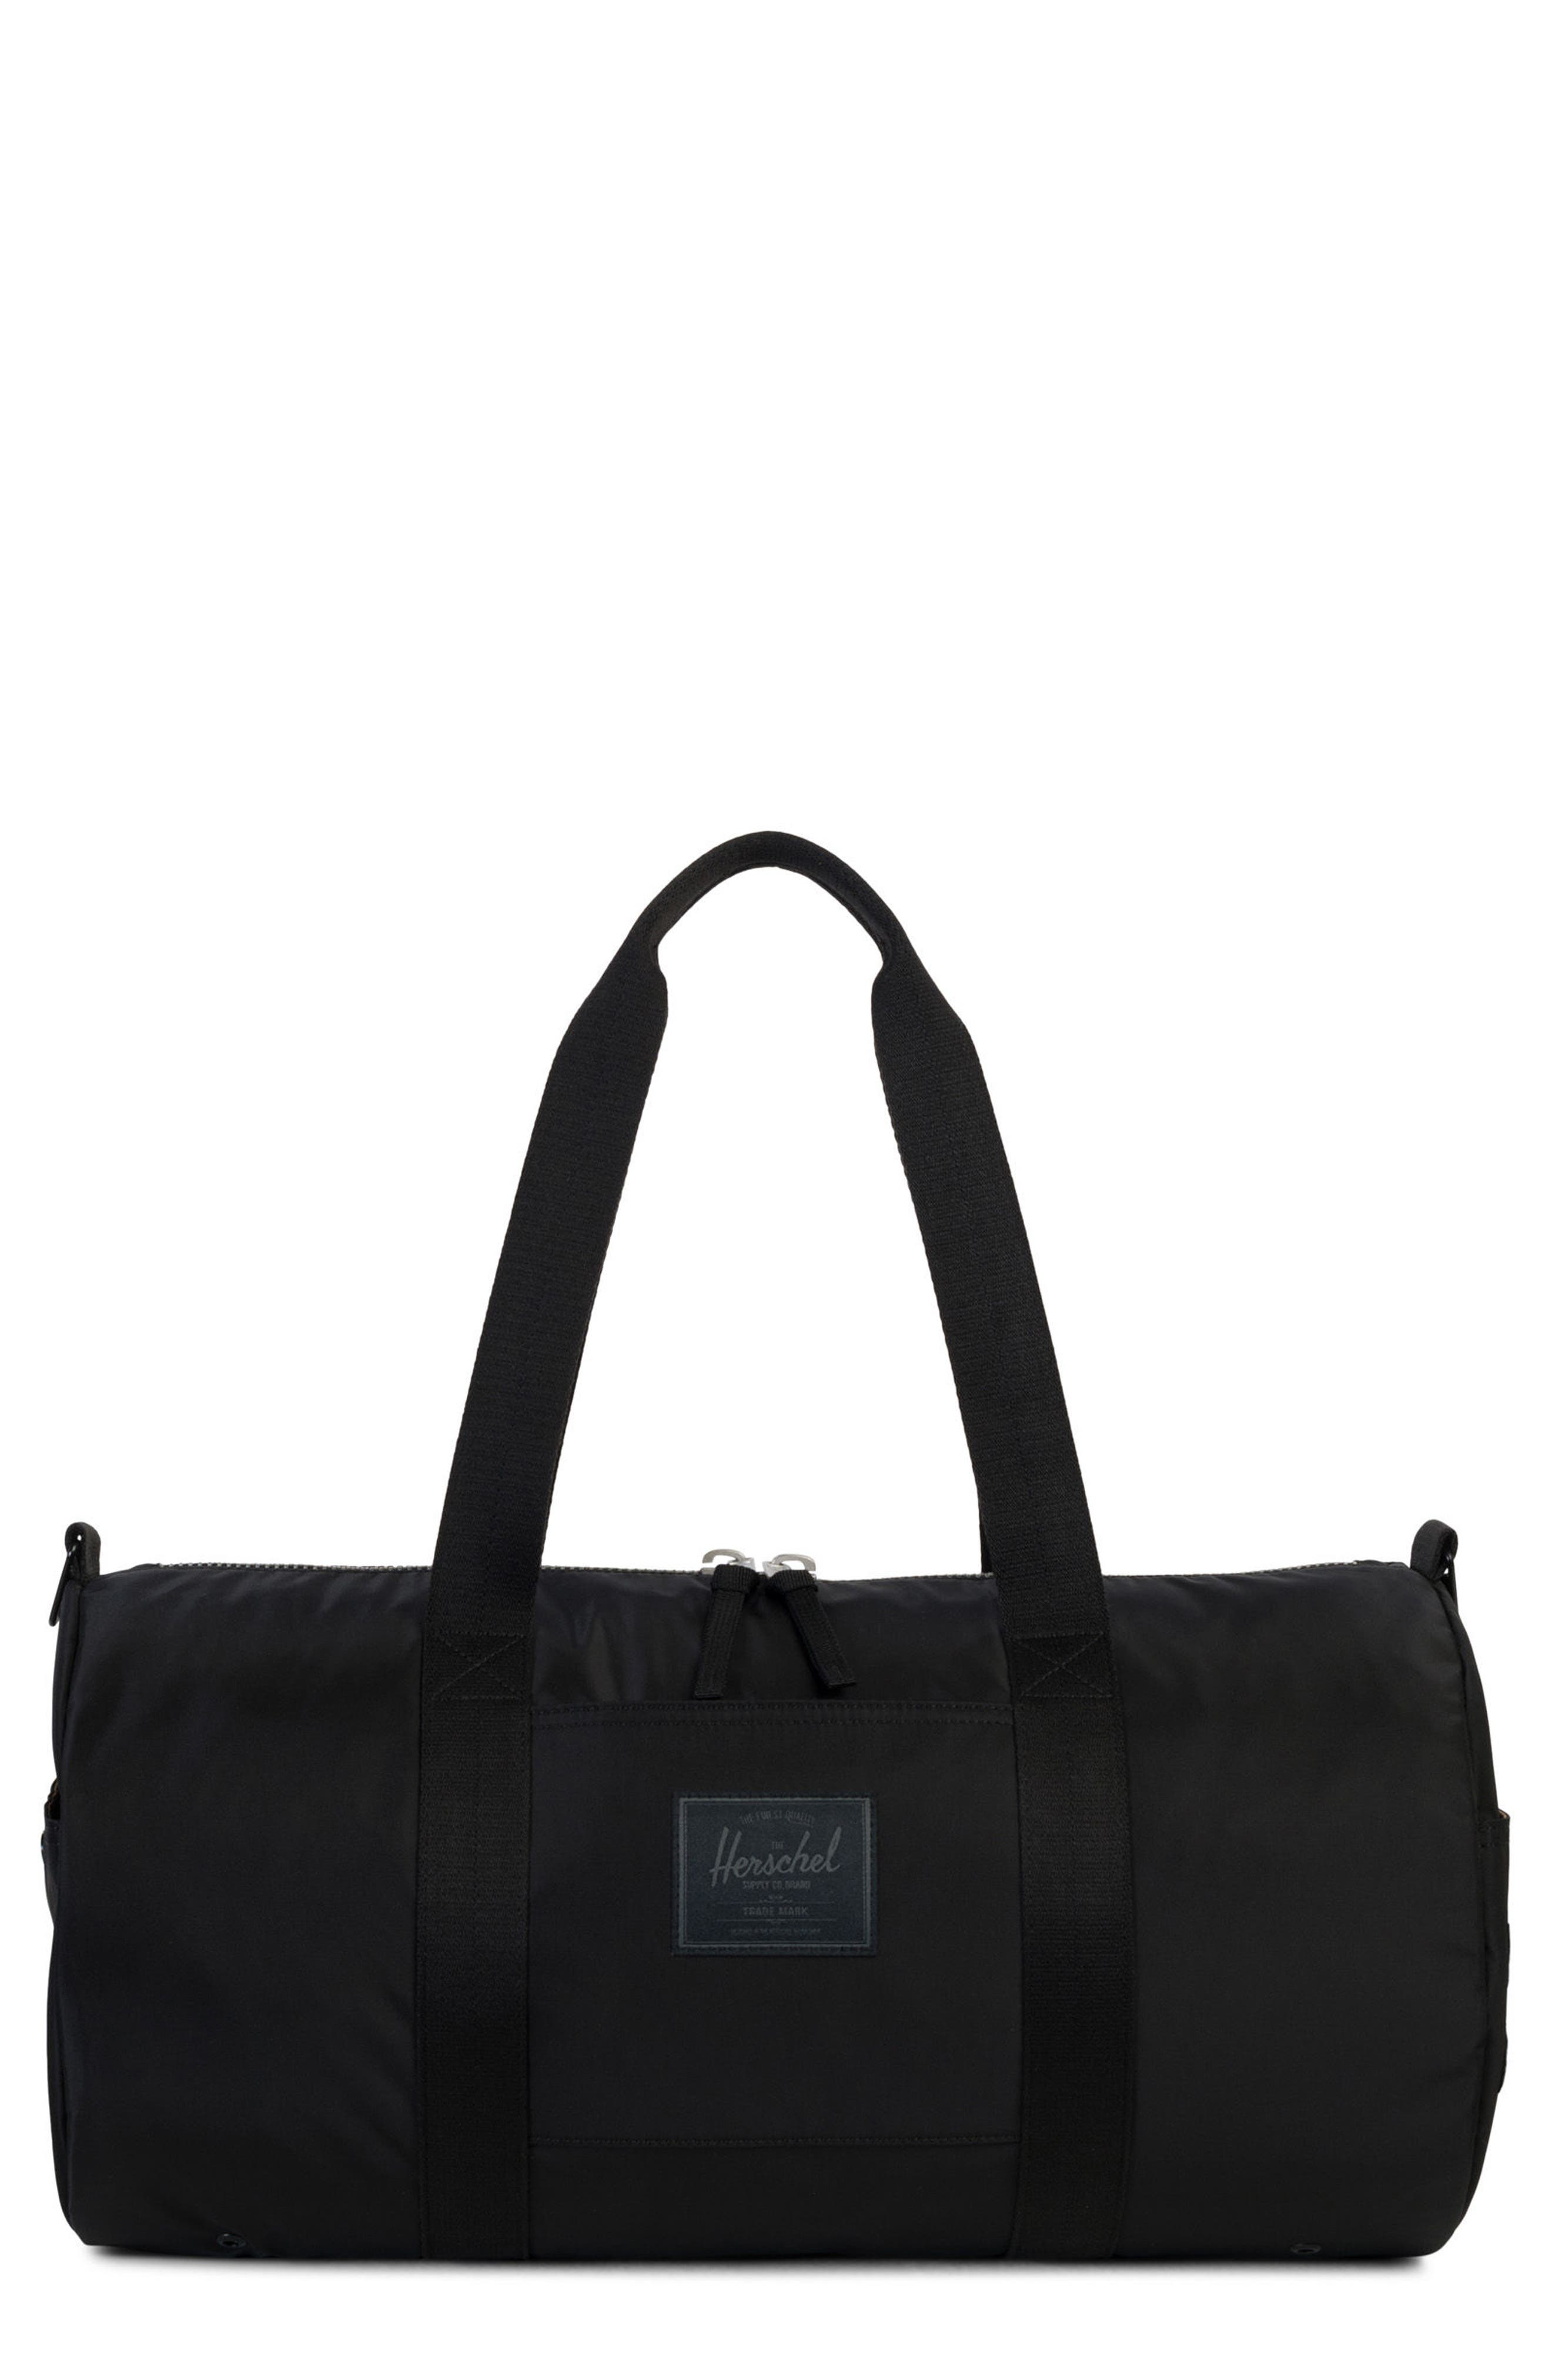 HERSCHEL SUPPLY CO. Sutton Surplus Collection Duffel Bag